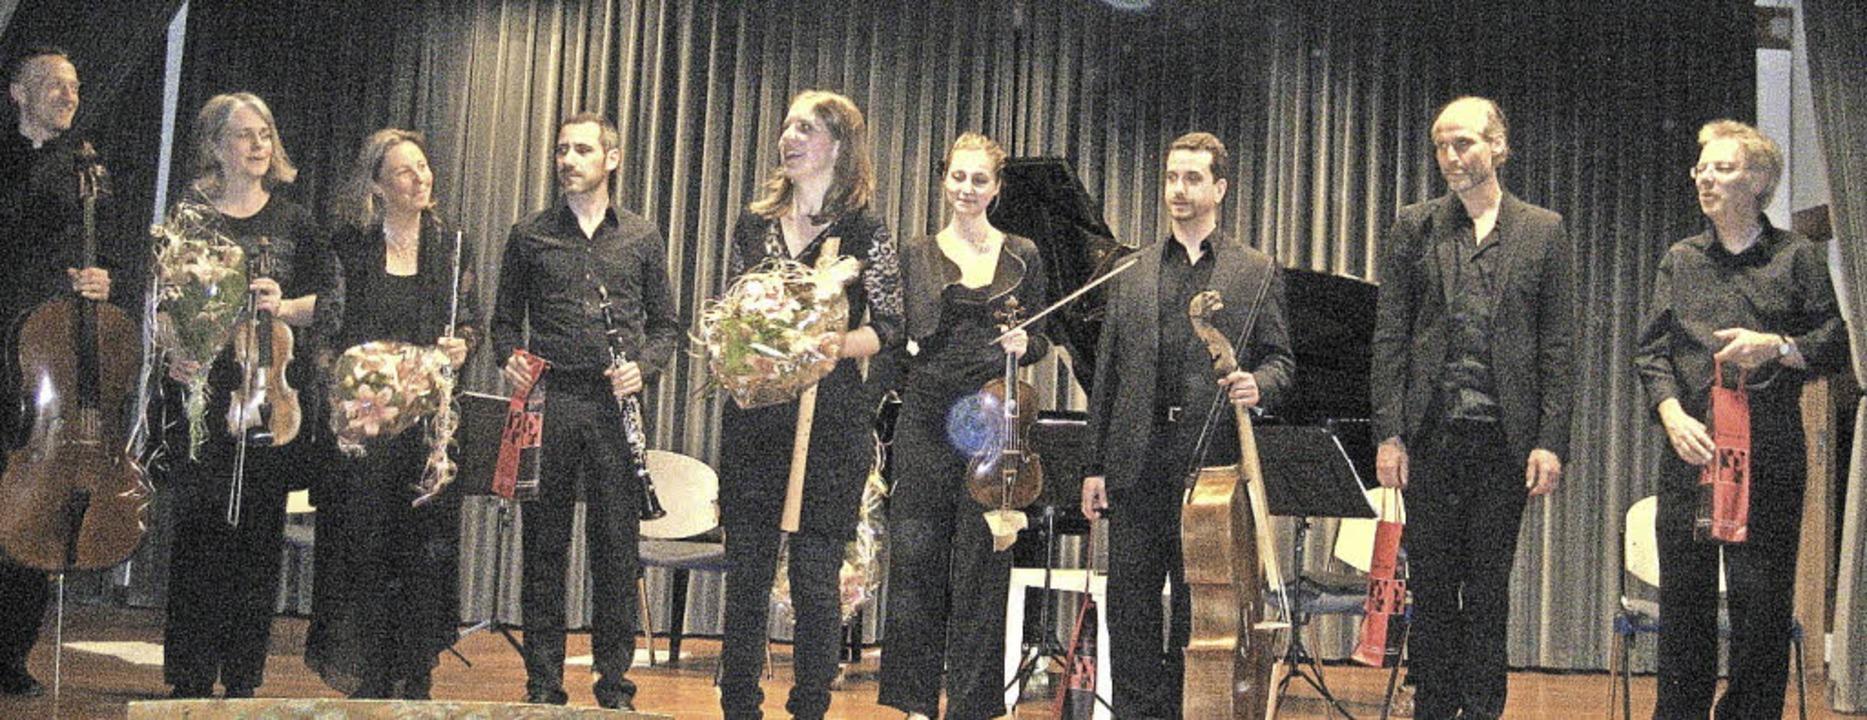 Die beiden Ensembles gemeinsam auf der  Bühne  | Foto: Andrea Steinhart